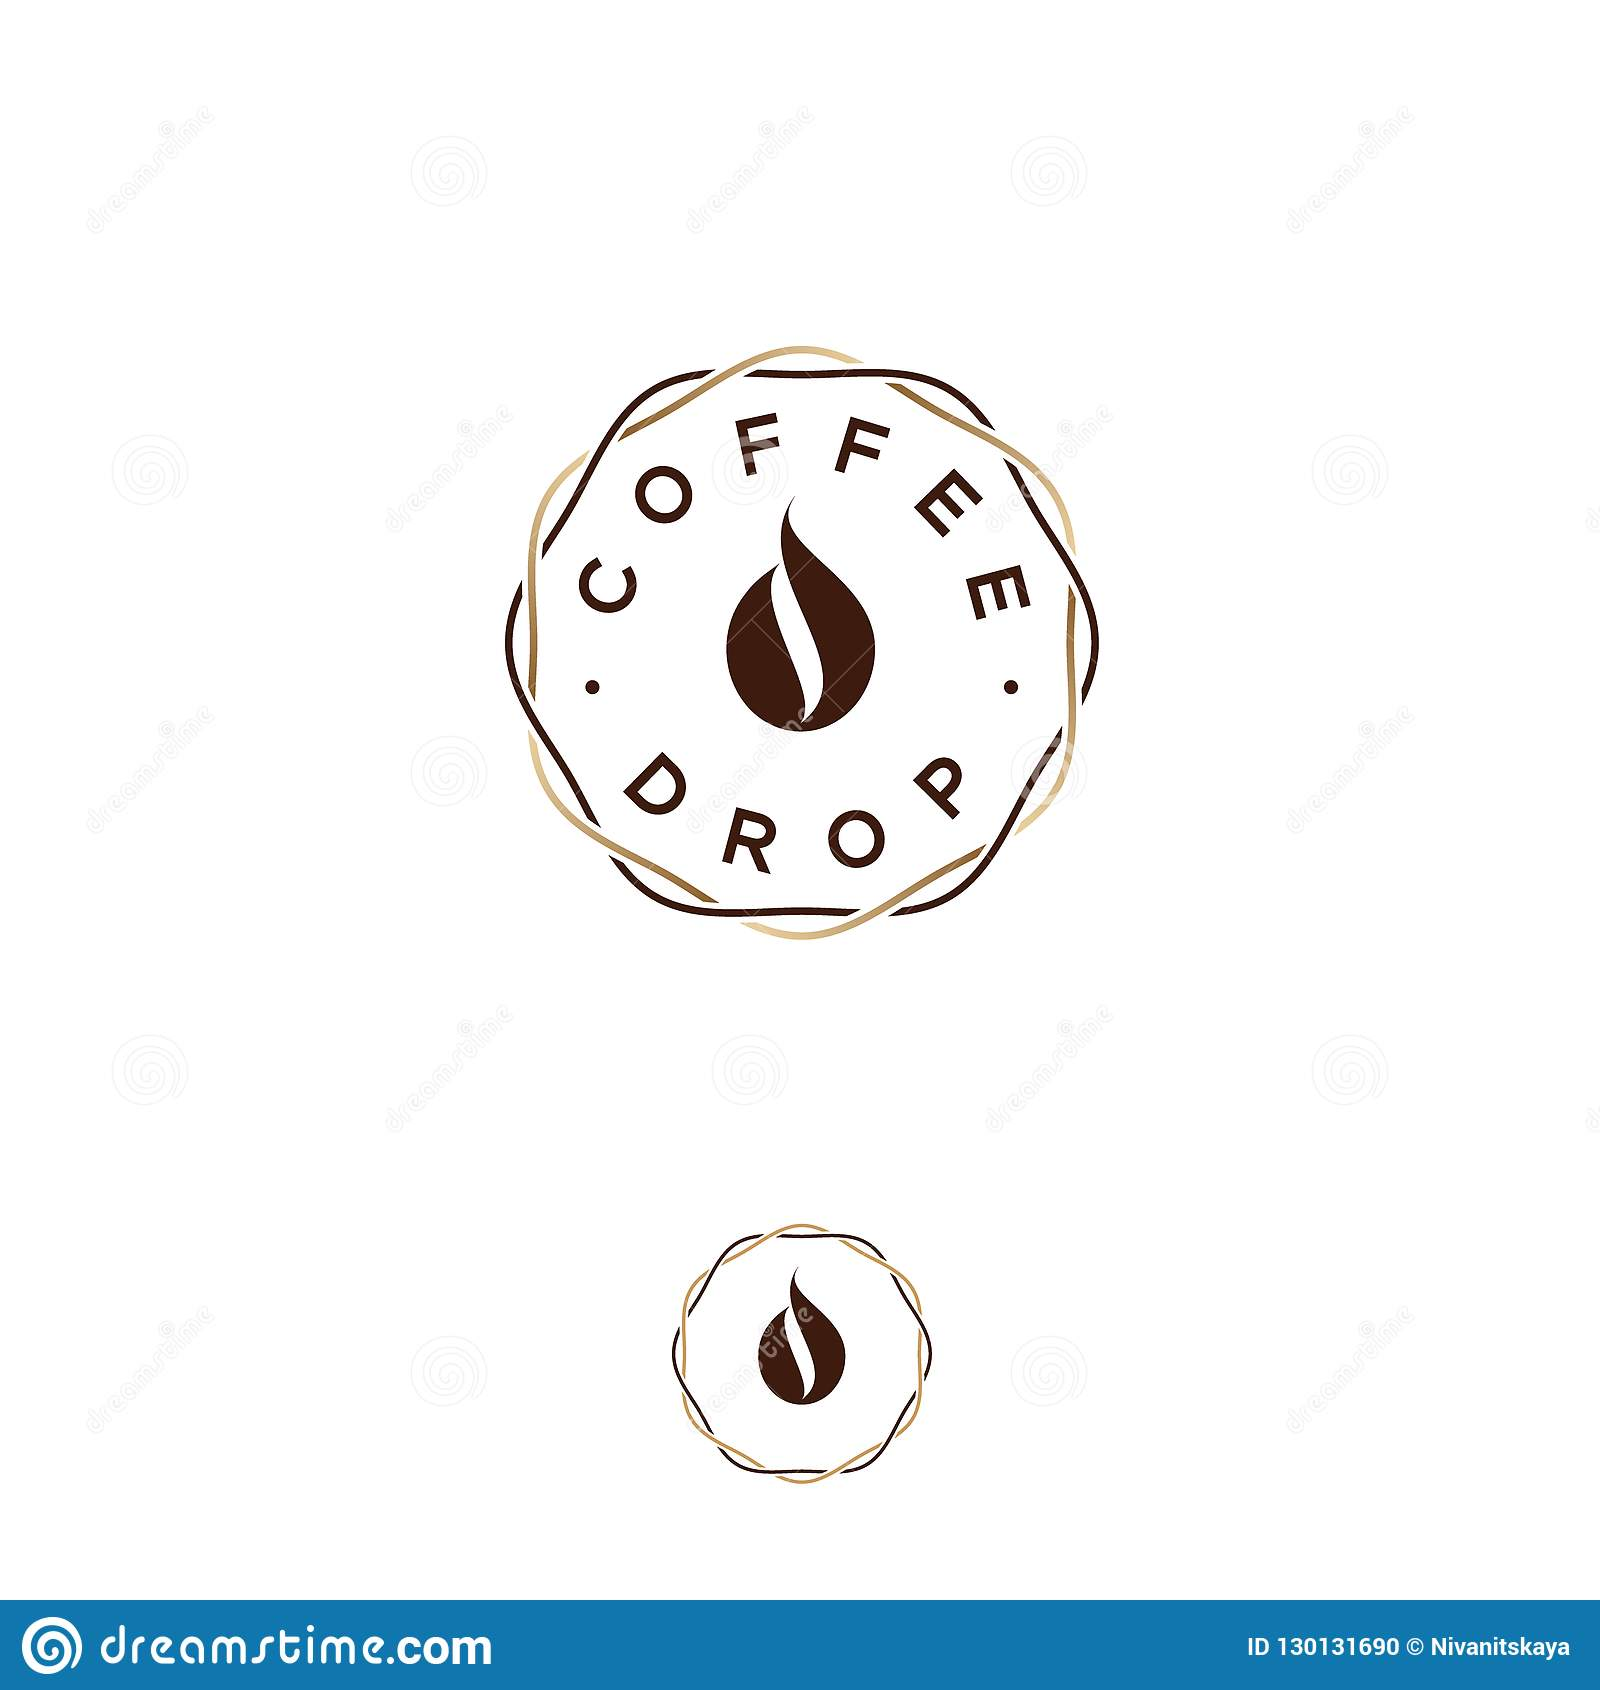 Логотип падения кофе Эмблема кофе Падение кофе, как кофейное зерно, в переплетаннсяых линиях венка